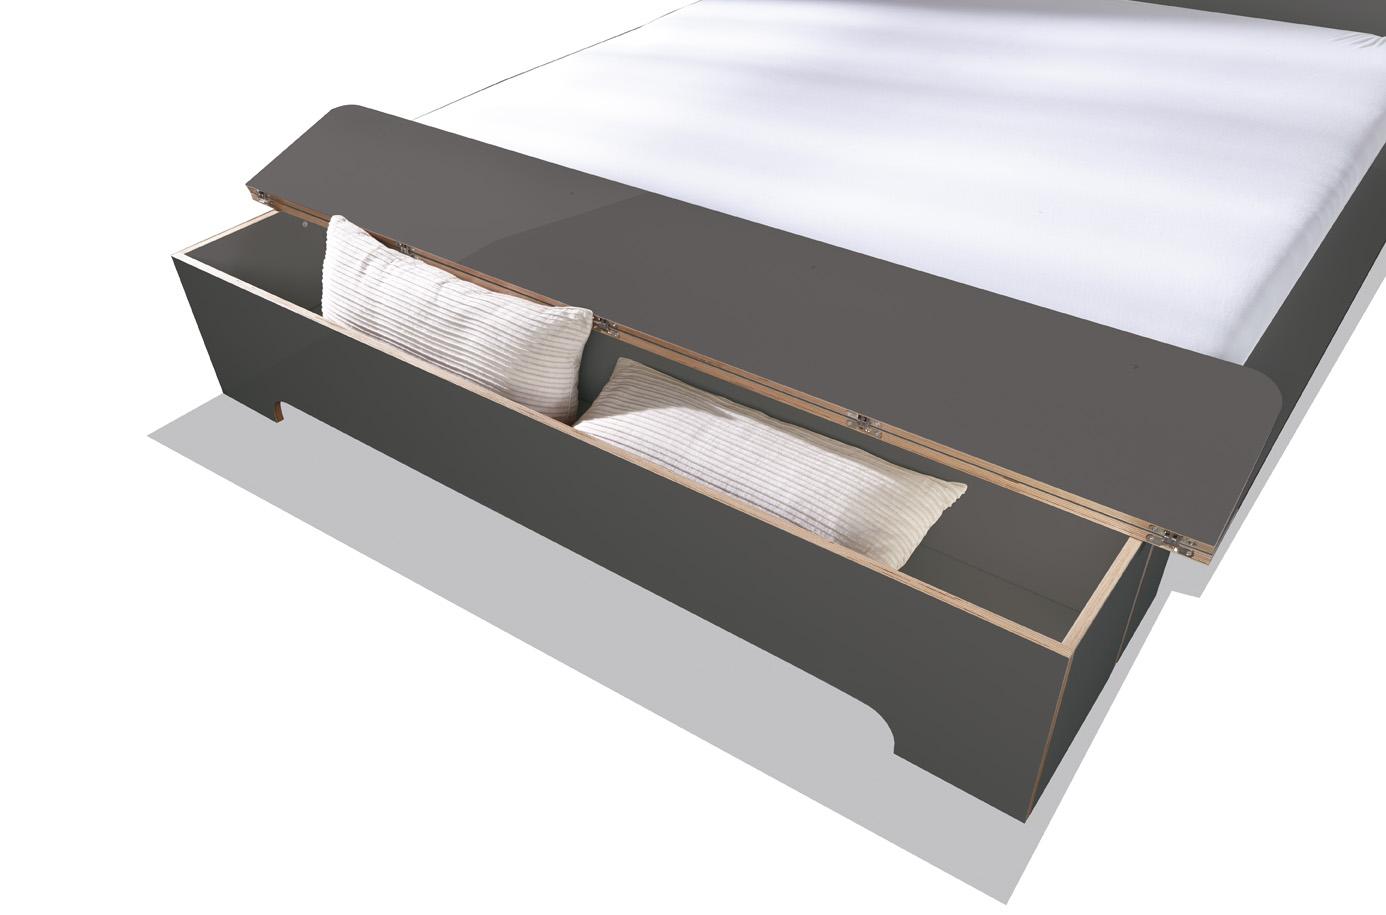 PLANE Doppelbett anthrazit Detailbild 2